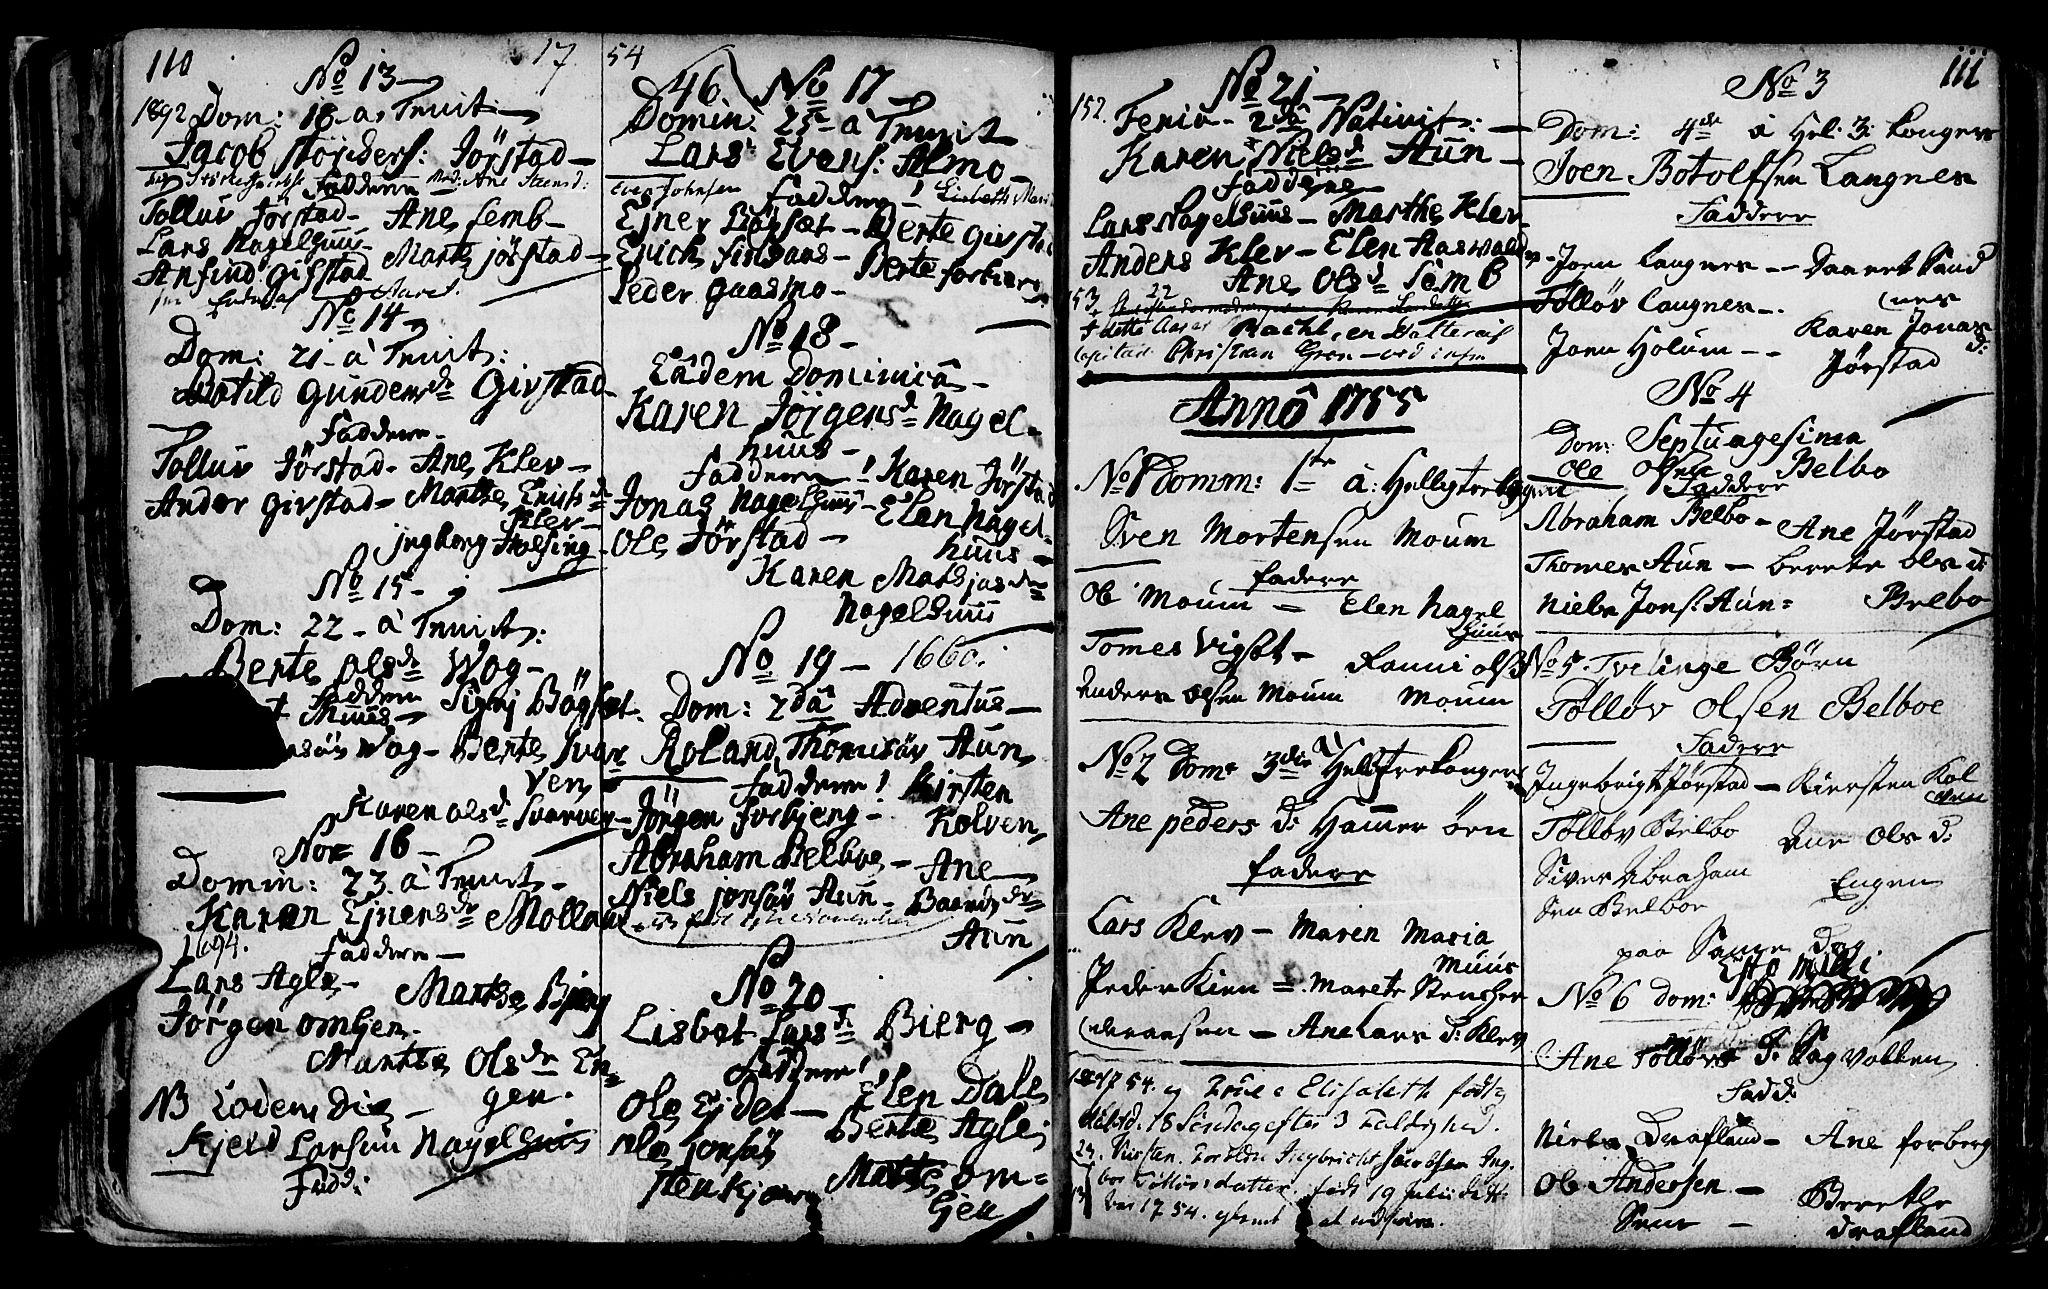 SAT, Ministerialprotokoller, klokkerbøker og fødselsregistre - Nord-Trøndelag, 749/L0467: Ministerialbok nr. 749A01, 1733-1787, s. 110-111